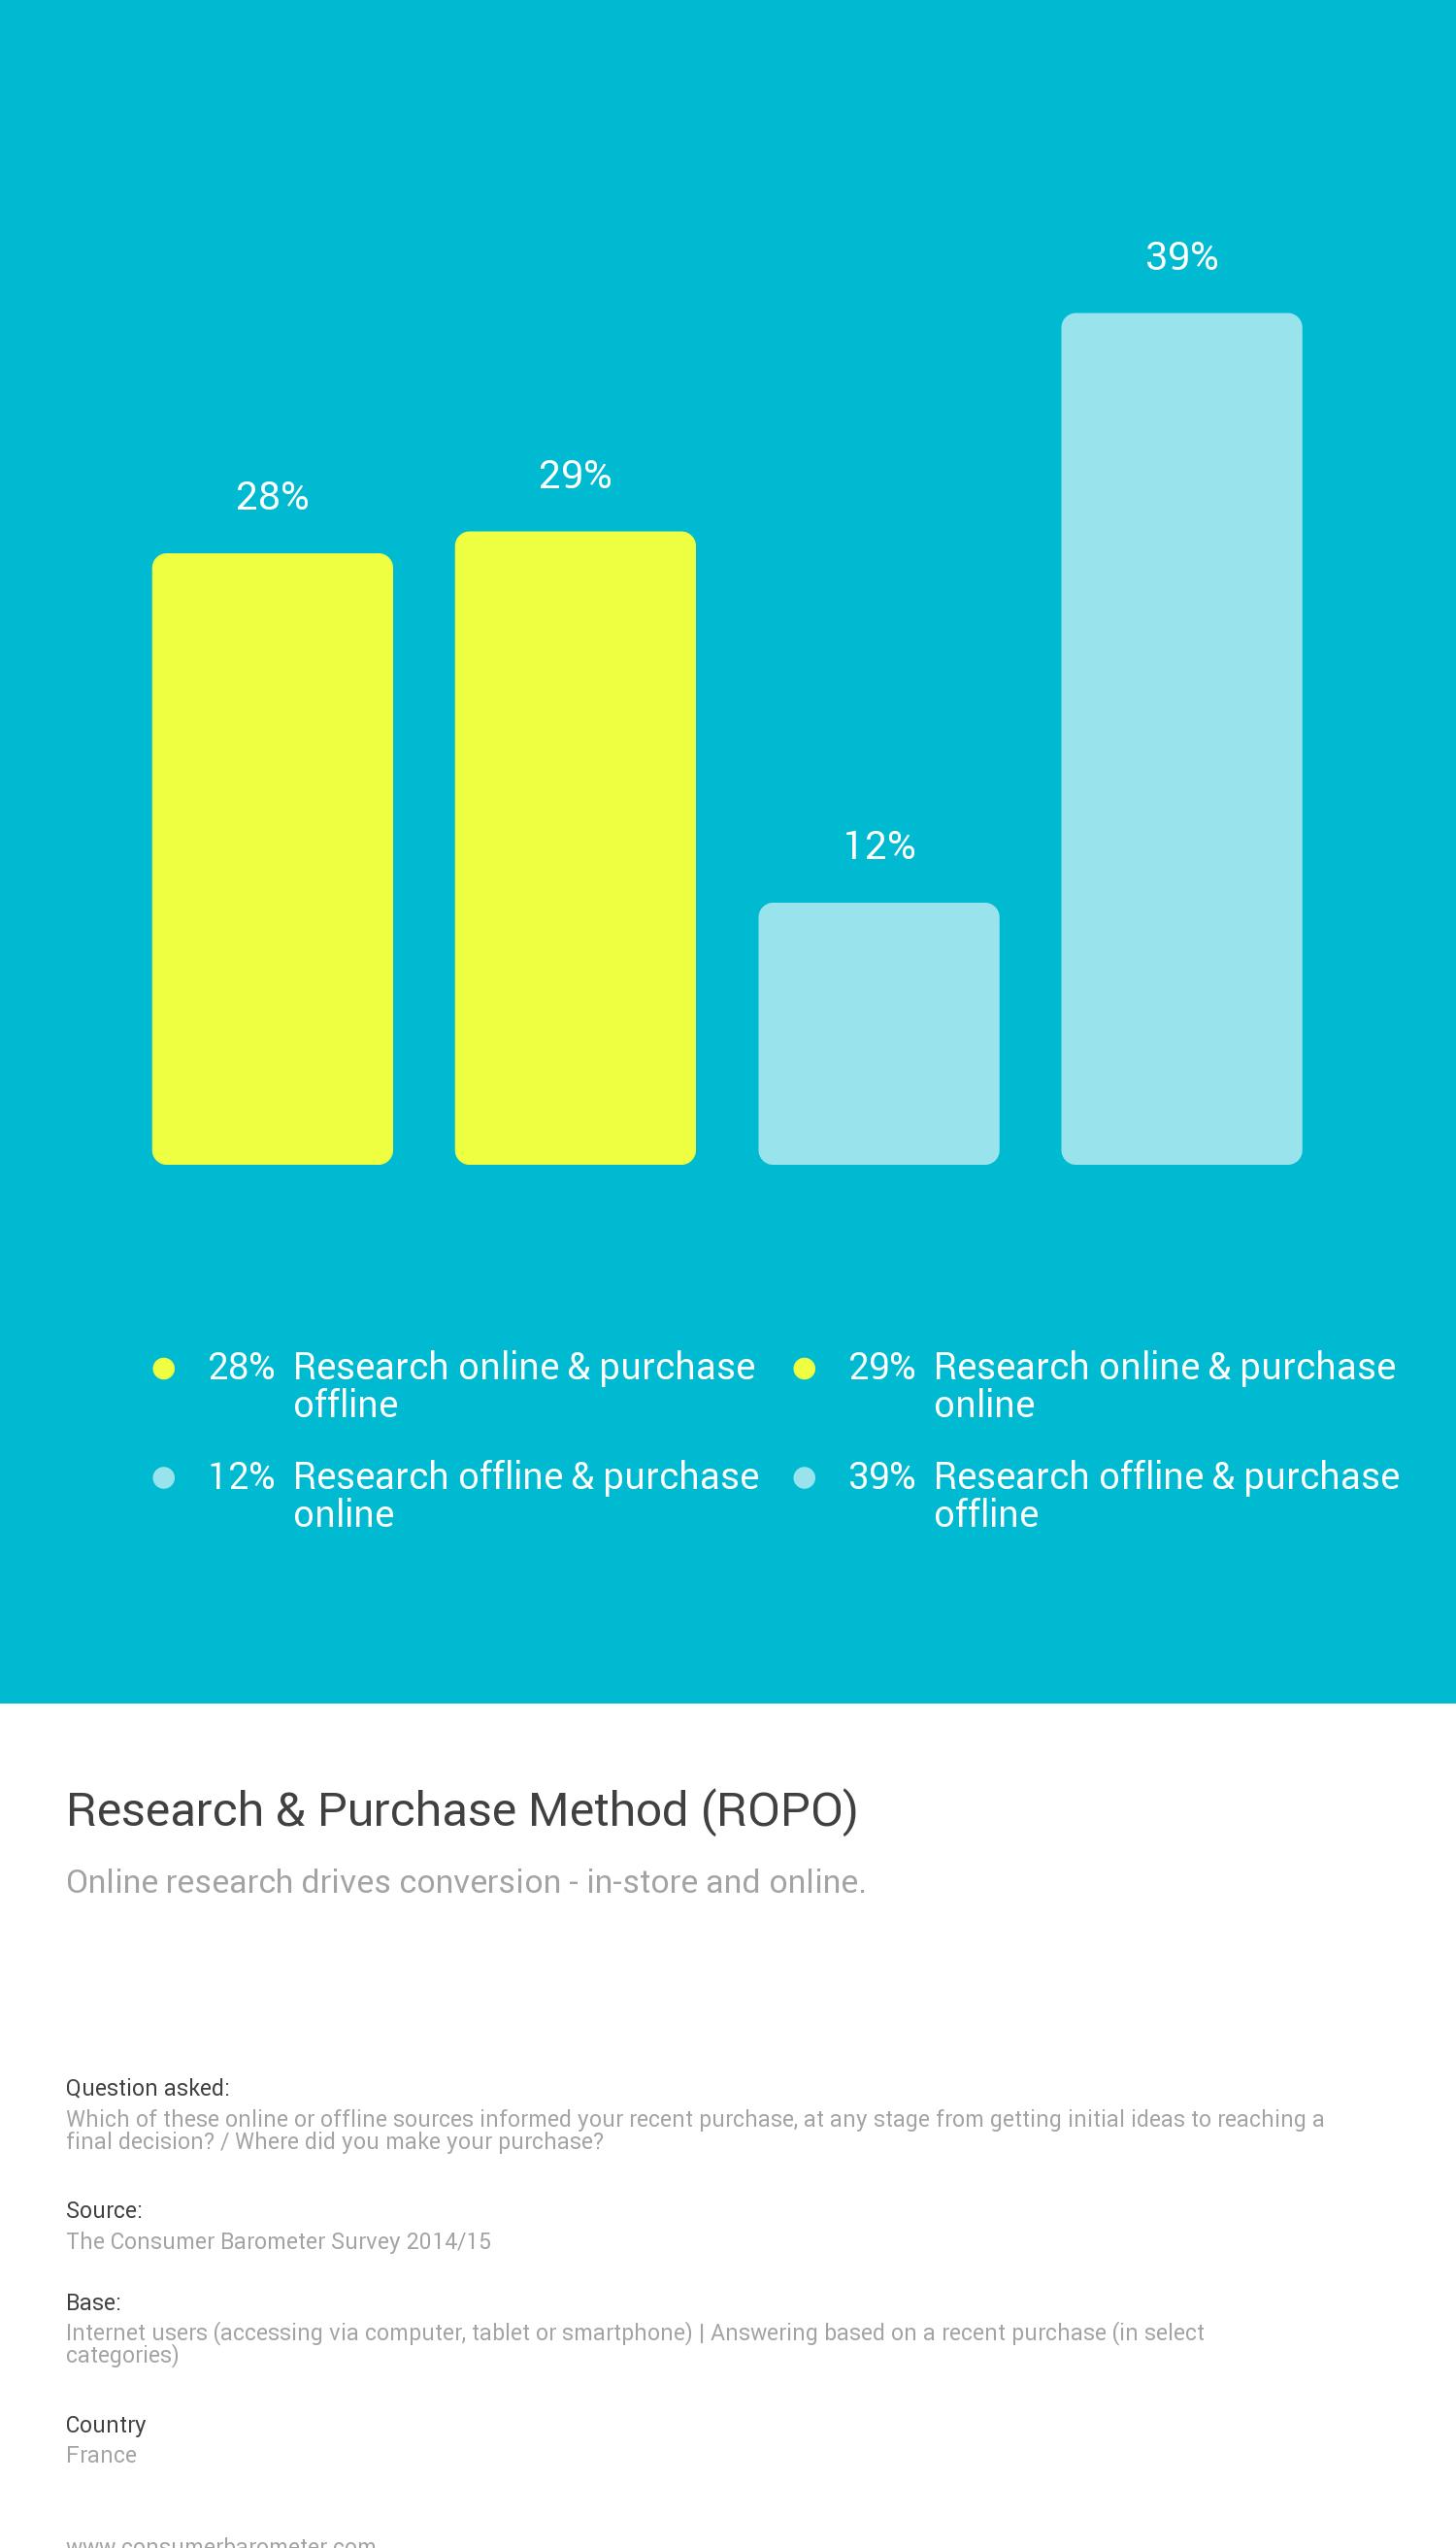 La recherche en ligne via différents appareils dont les mobiles a un impact sur les conversions en ligne et en magasin